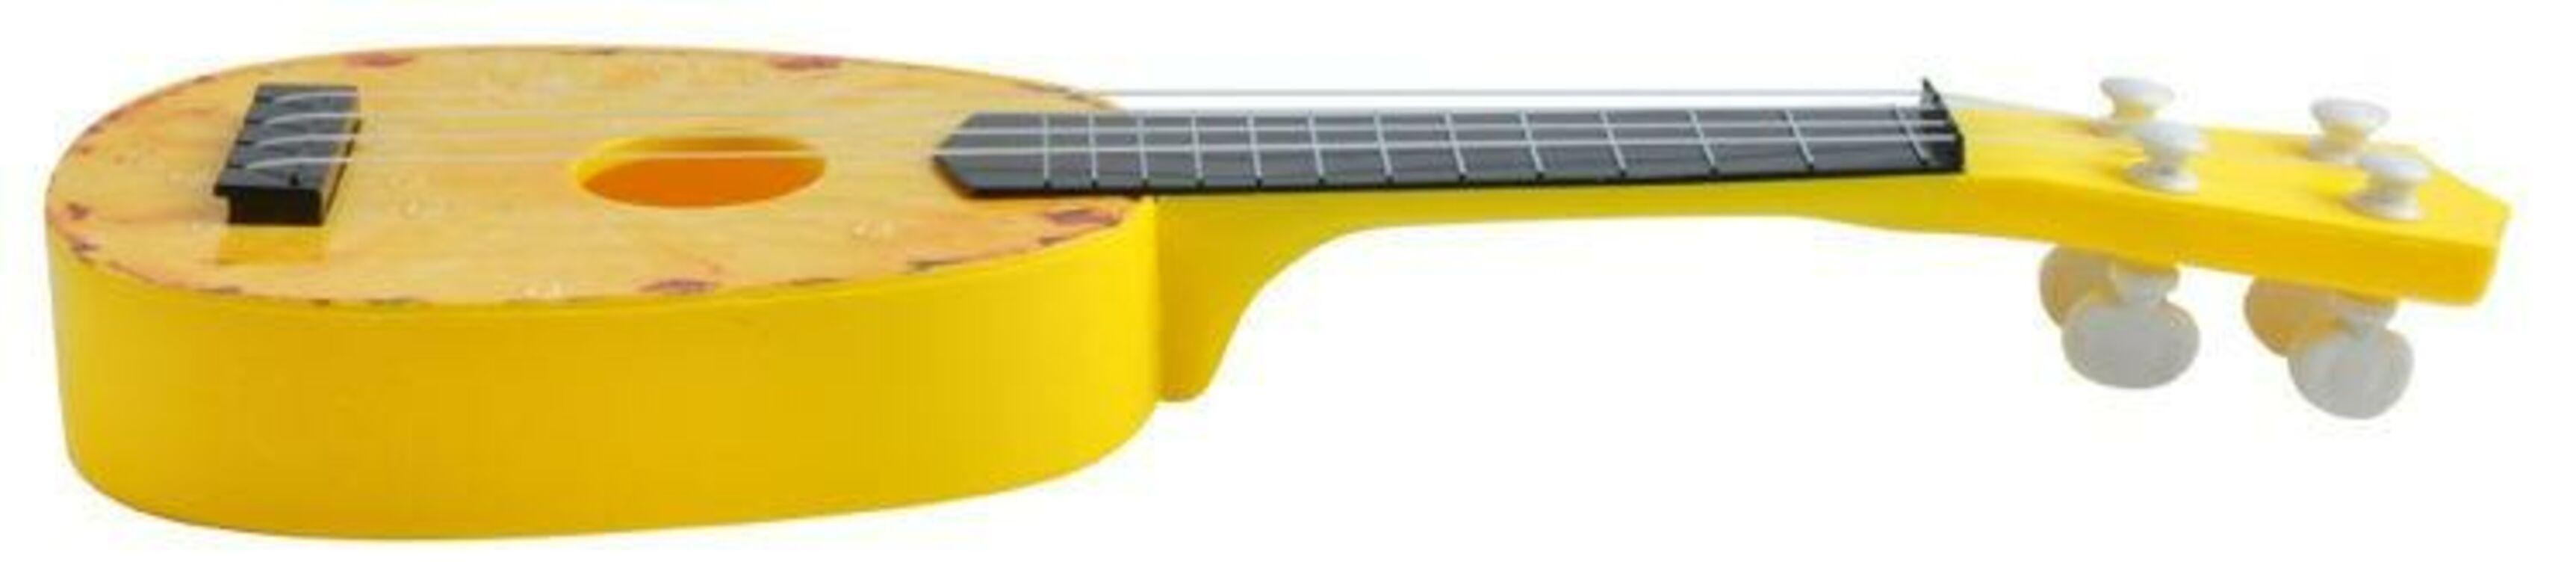 Laste kitarr mängukitarr ukulele uus